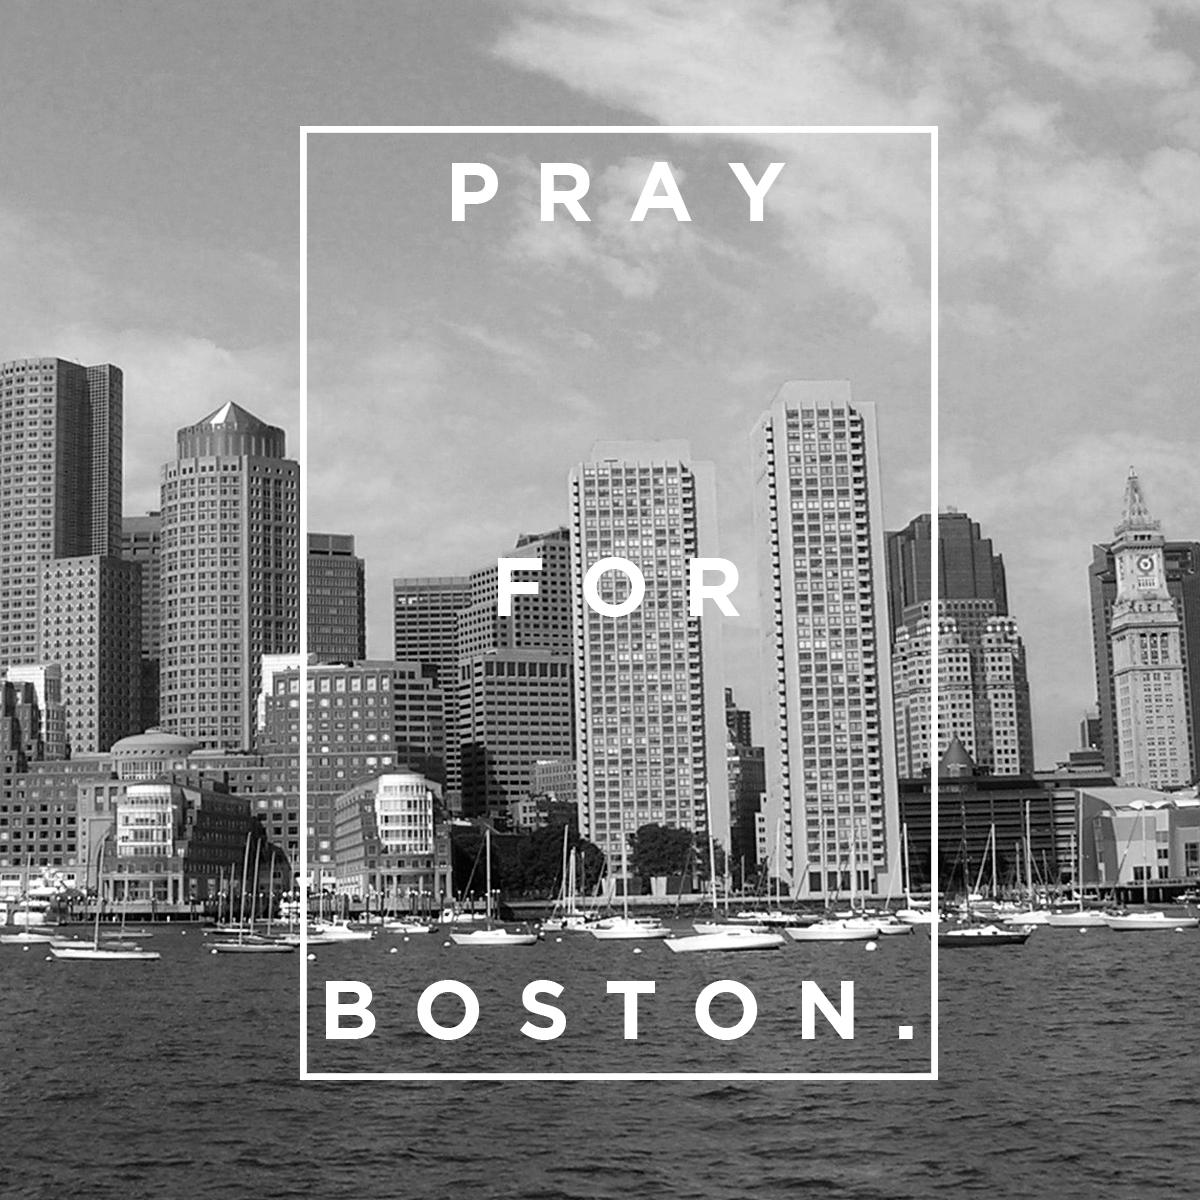 pray for Boston.